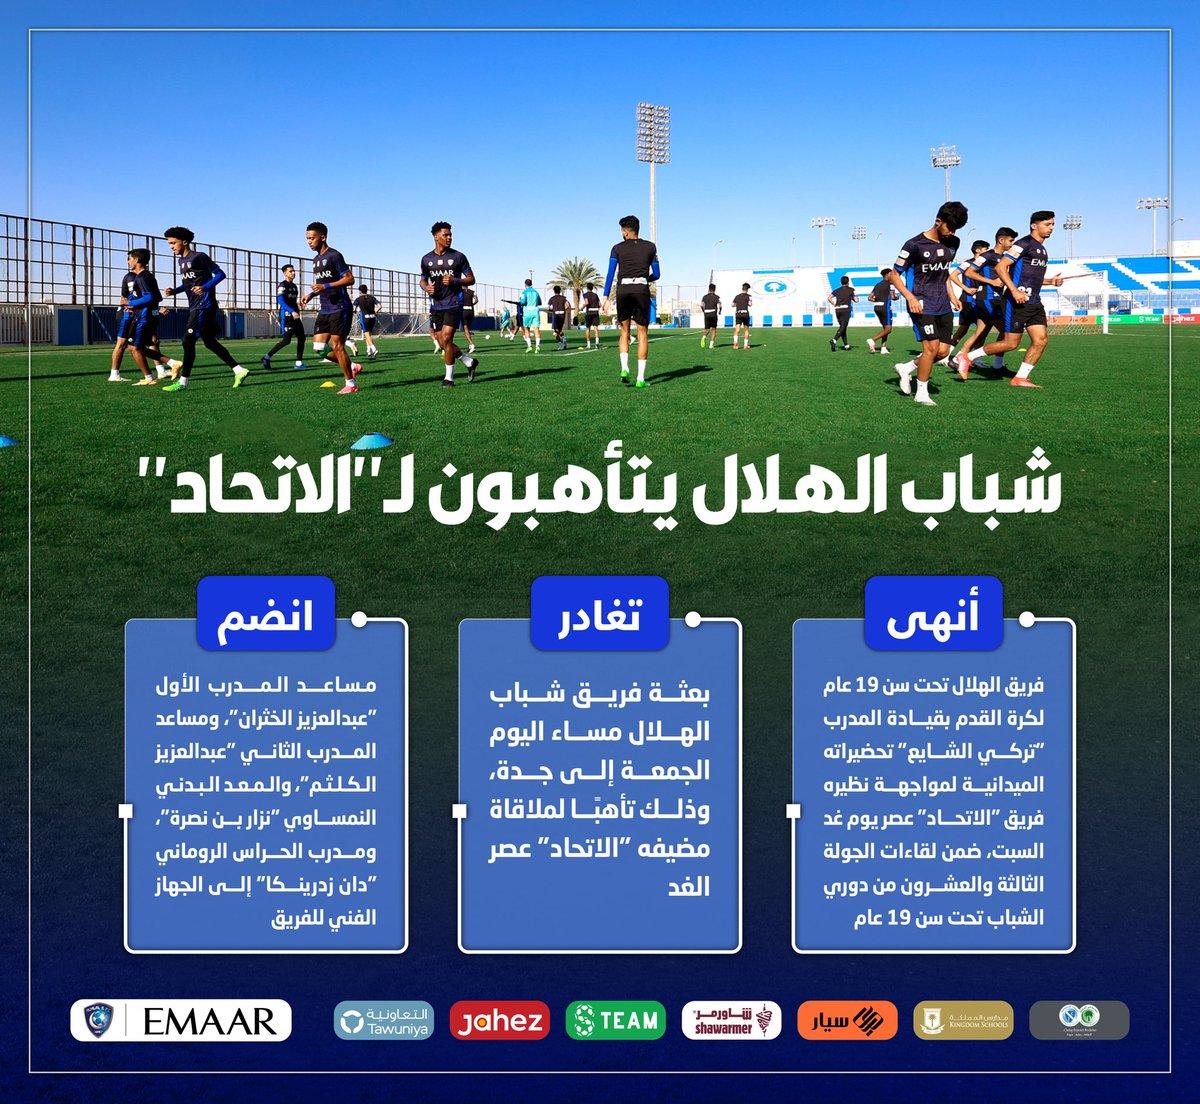 """📃 شباب #الهلال يتأهبون لـ """"الاتحاد"""" ⚽️💙  #انفوجرافيك_الهلال"""